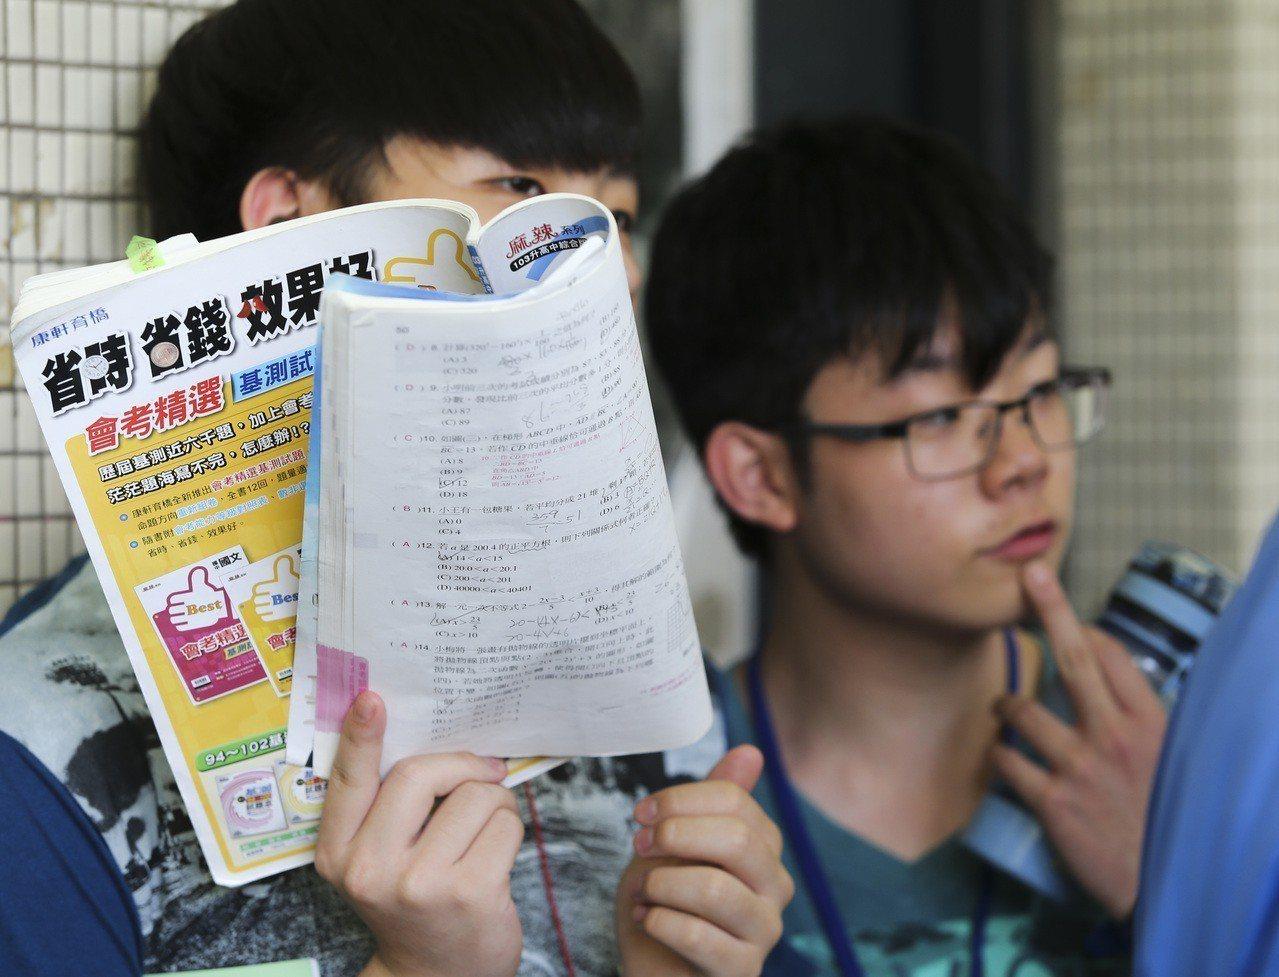 國中教育會考考生在教室外準備考題。聯合報系資料照/記者楊萬雲攝影